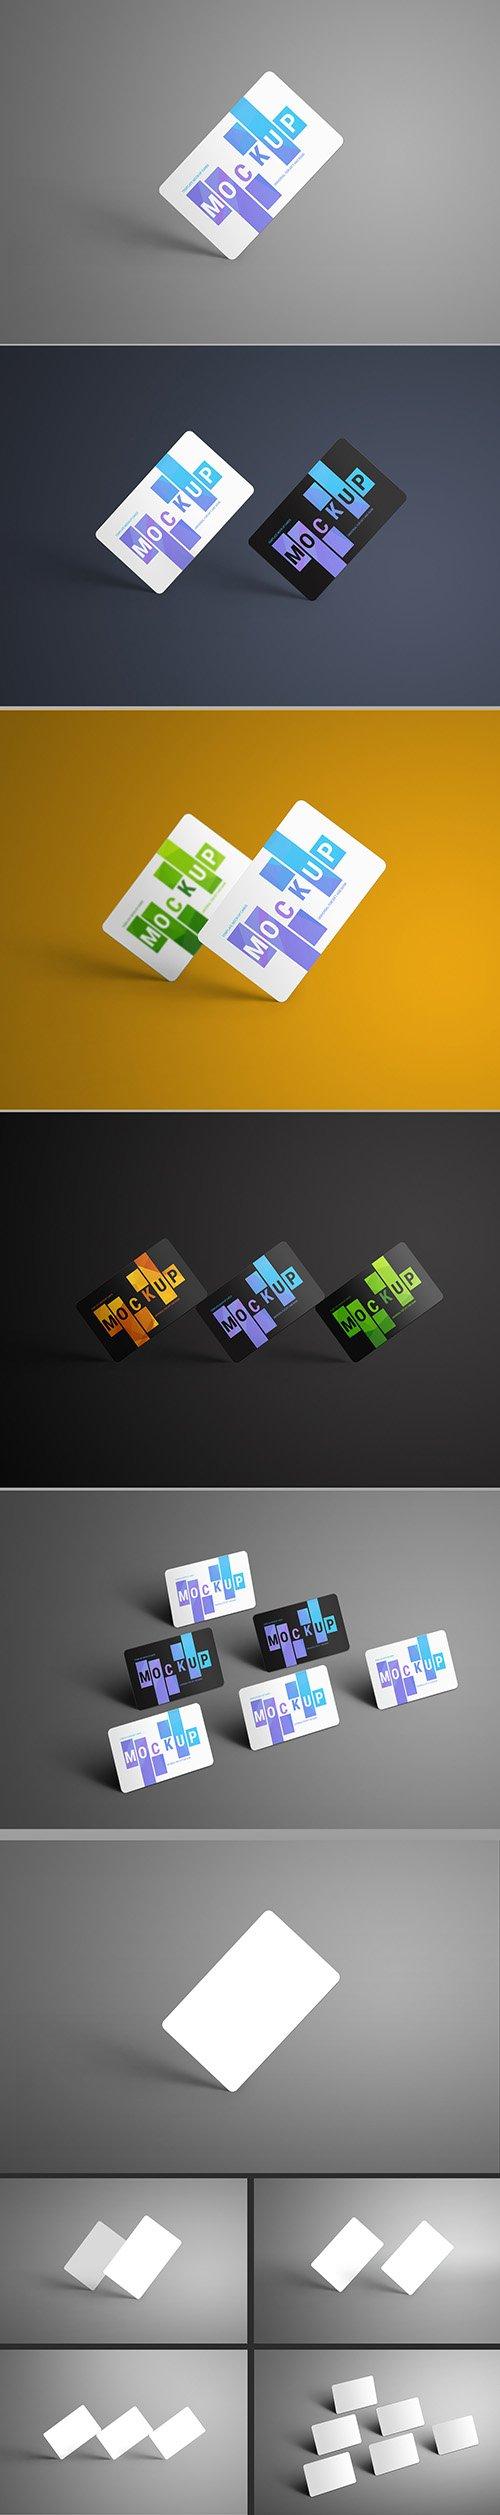 5 Gift/Bank Card Mockup Layouts 199017070 PSDT